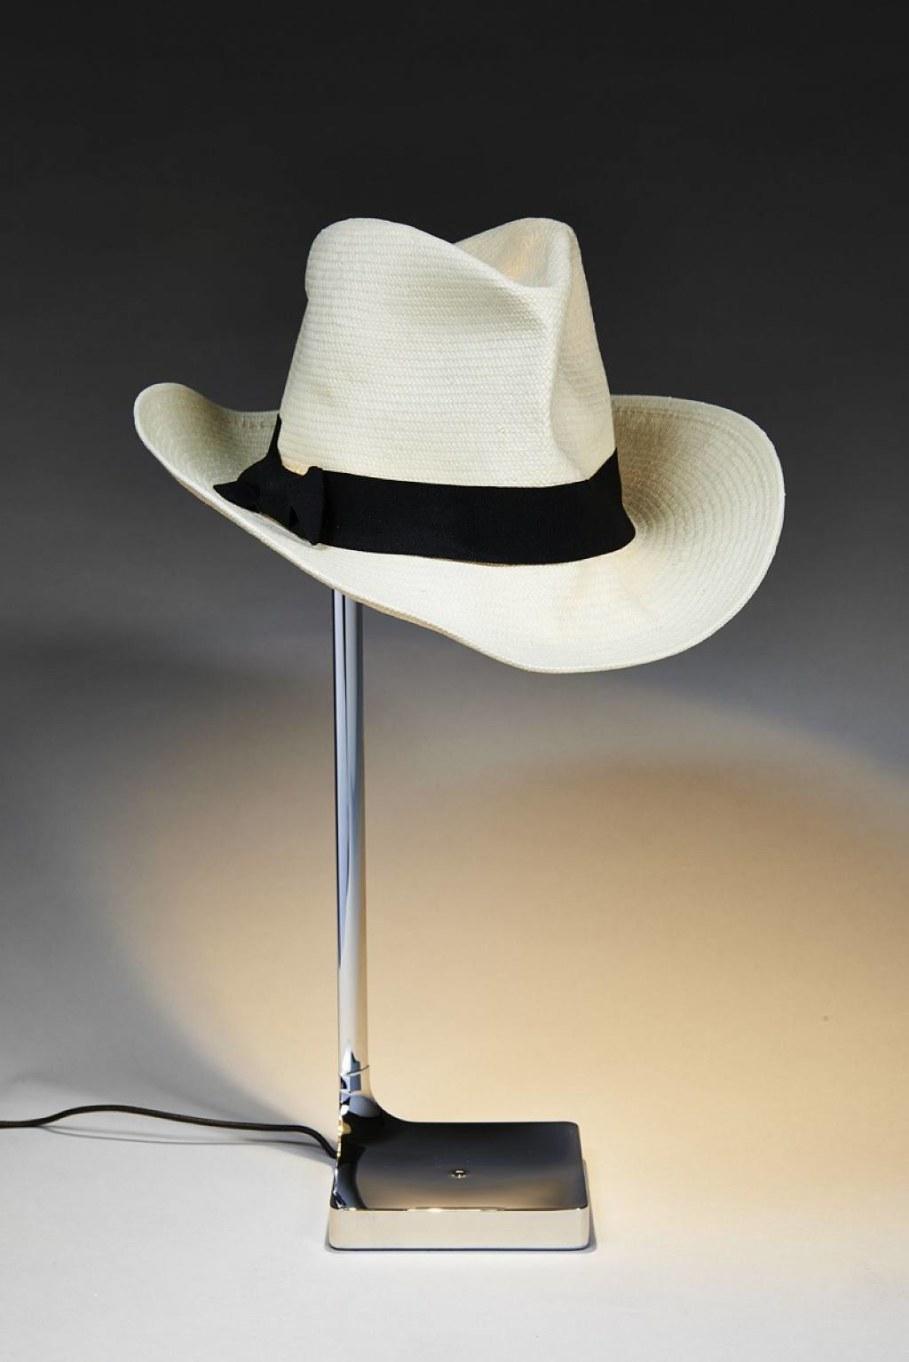 Chapo Lamp